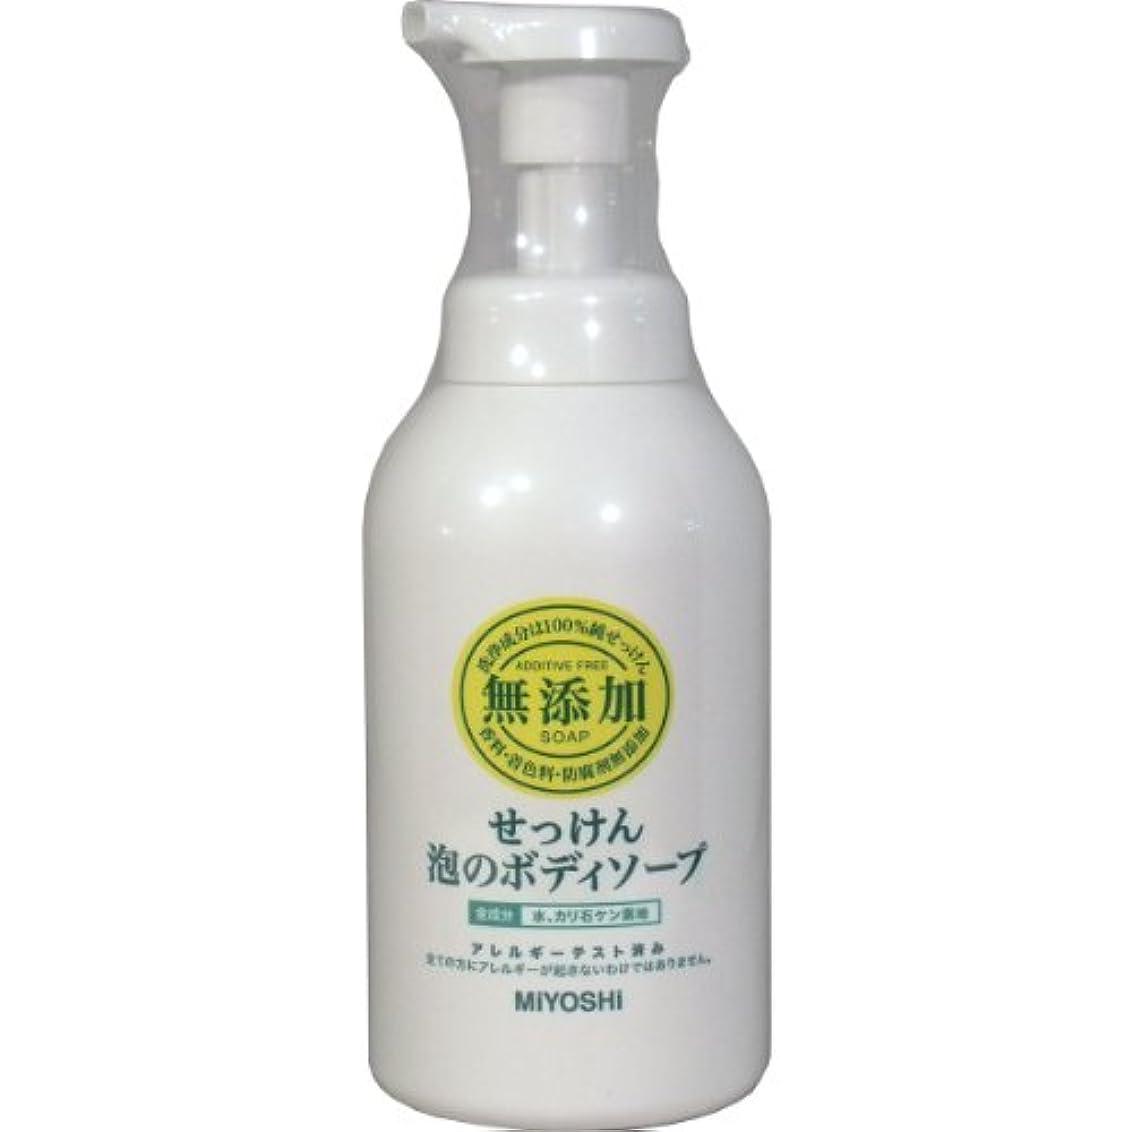 洗浄成分は100%純せっけん!!ミヨシ無添加シリーズは石けん成分以外に何も添加していません!ポンプ500mL